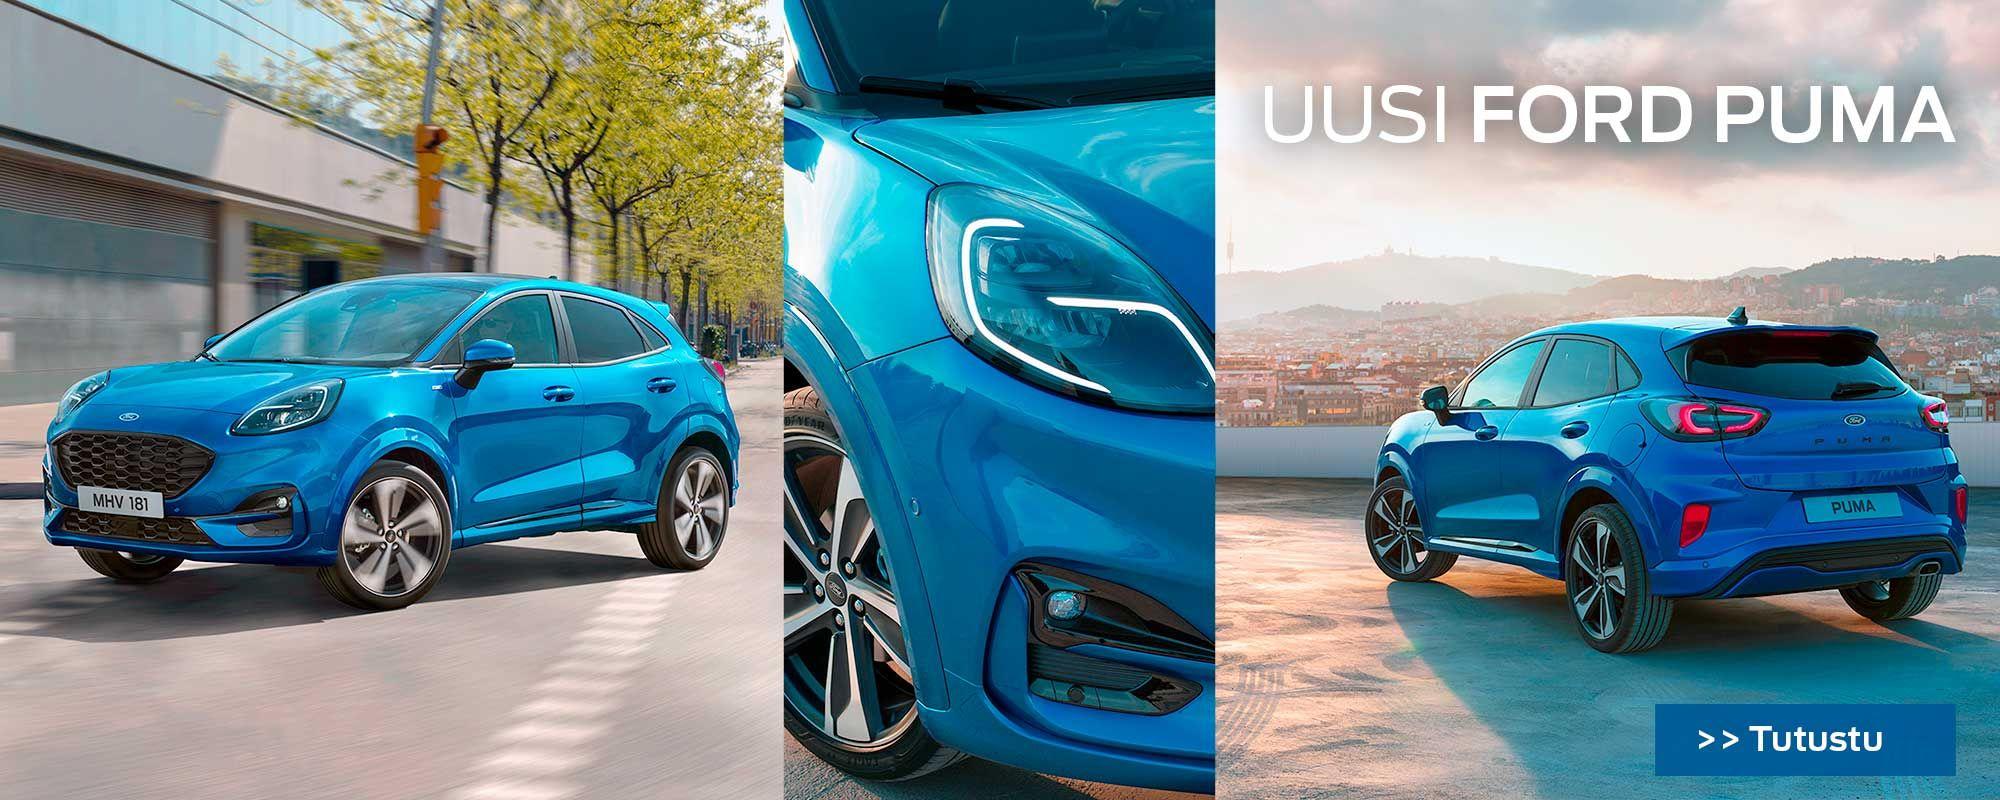 Uusi Ford Puma kevythybridi | Loimaan Laatuauto Oy